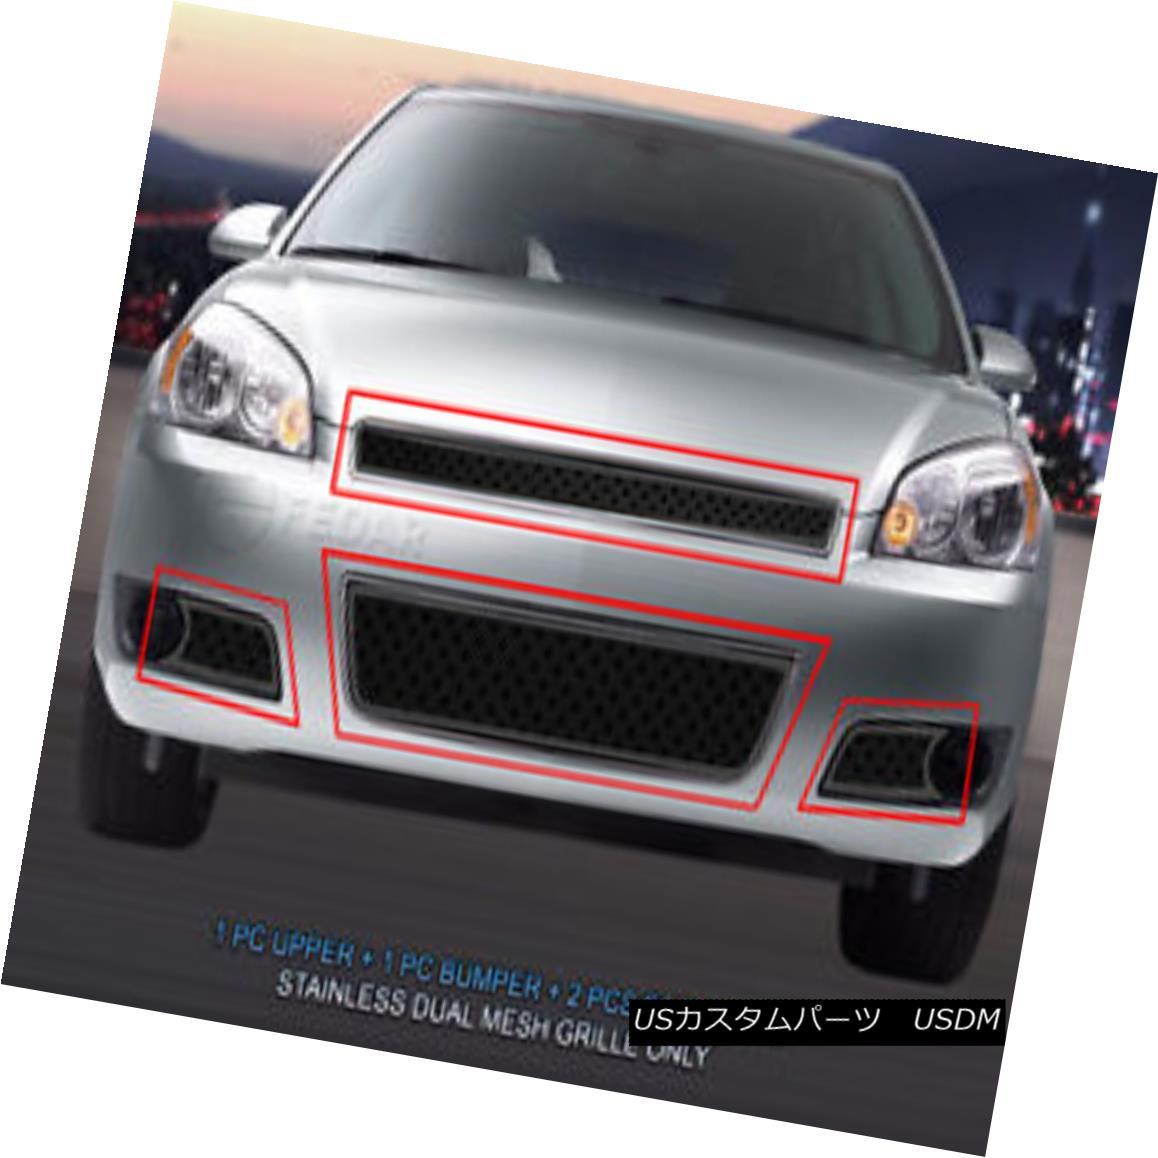 グリル Fedar Fits 2006-2013 Chevy Impala Full Black Dual Weave Mesh Grille Combo Insert Fedarは2006-2013シボレーインパラフルブラックデュアルウィーブメッシュグリルコンボインサートをフィット